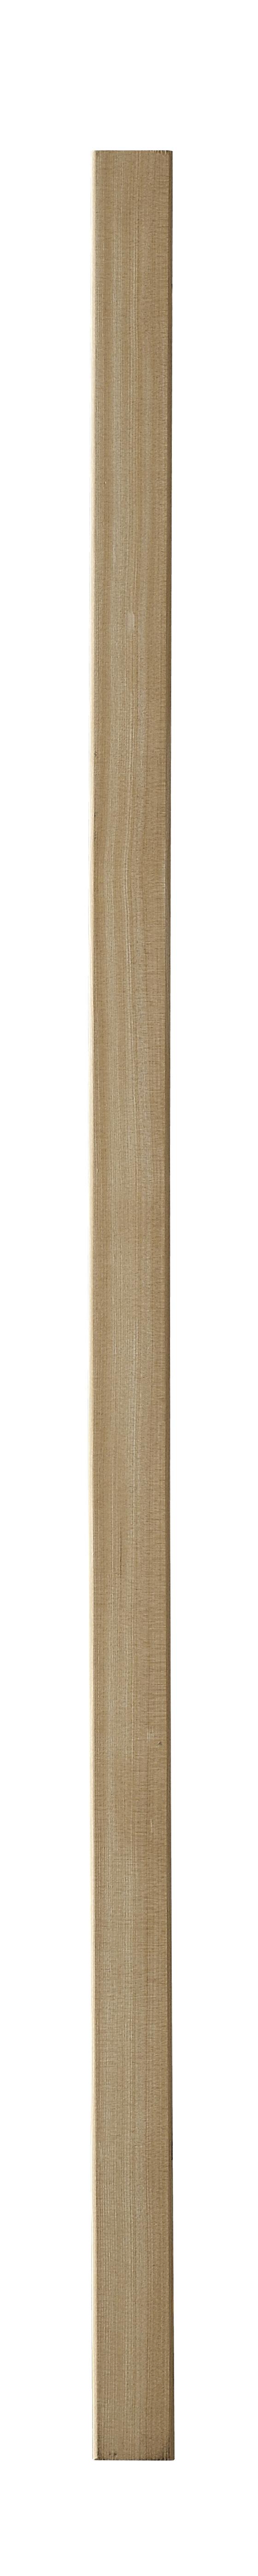 1 Hemlock Plain Baluster 900 32